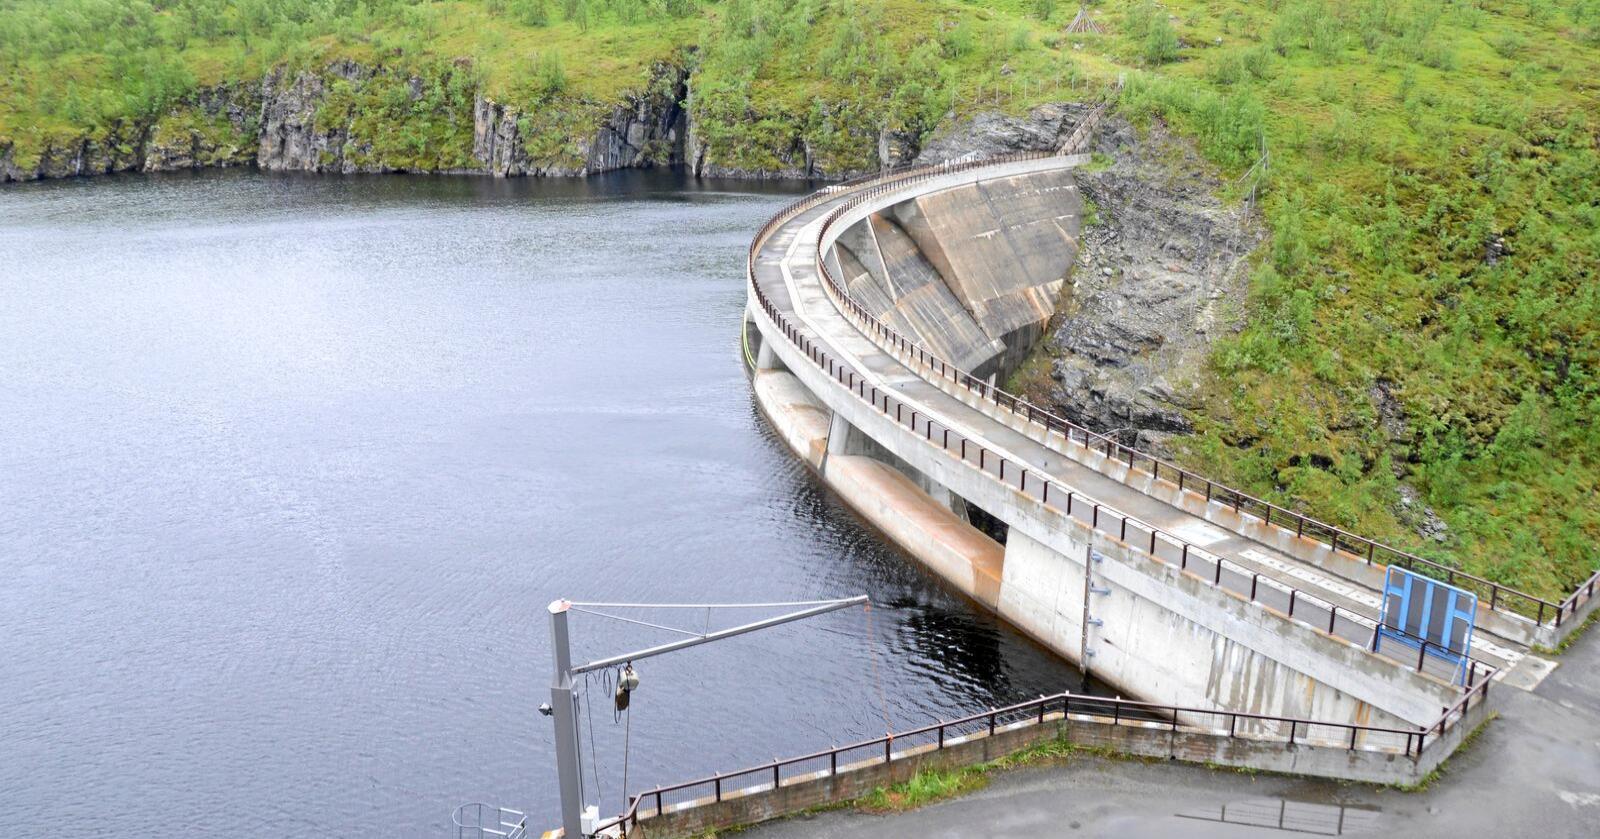 Vannkraft: Norge er i ferd med å ødelegge sin unike vannkraftkompetanse på grunn av den massive satsingen på vindkraft, skriver Bernt Øien. Foto: Mariann Tvete